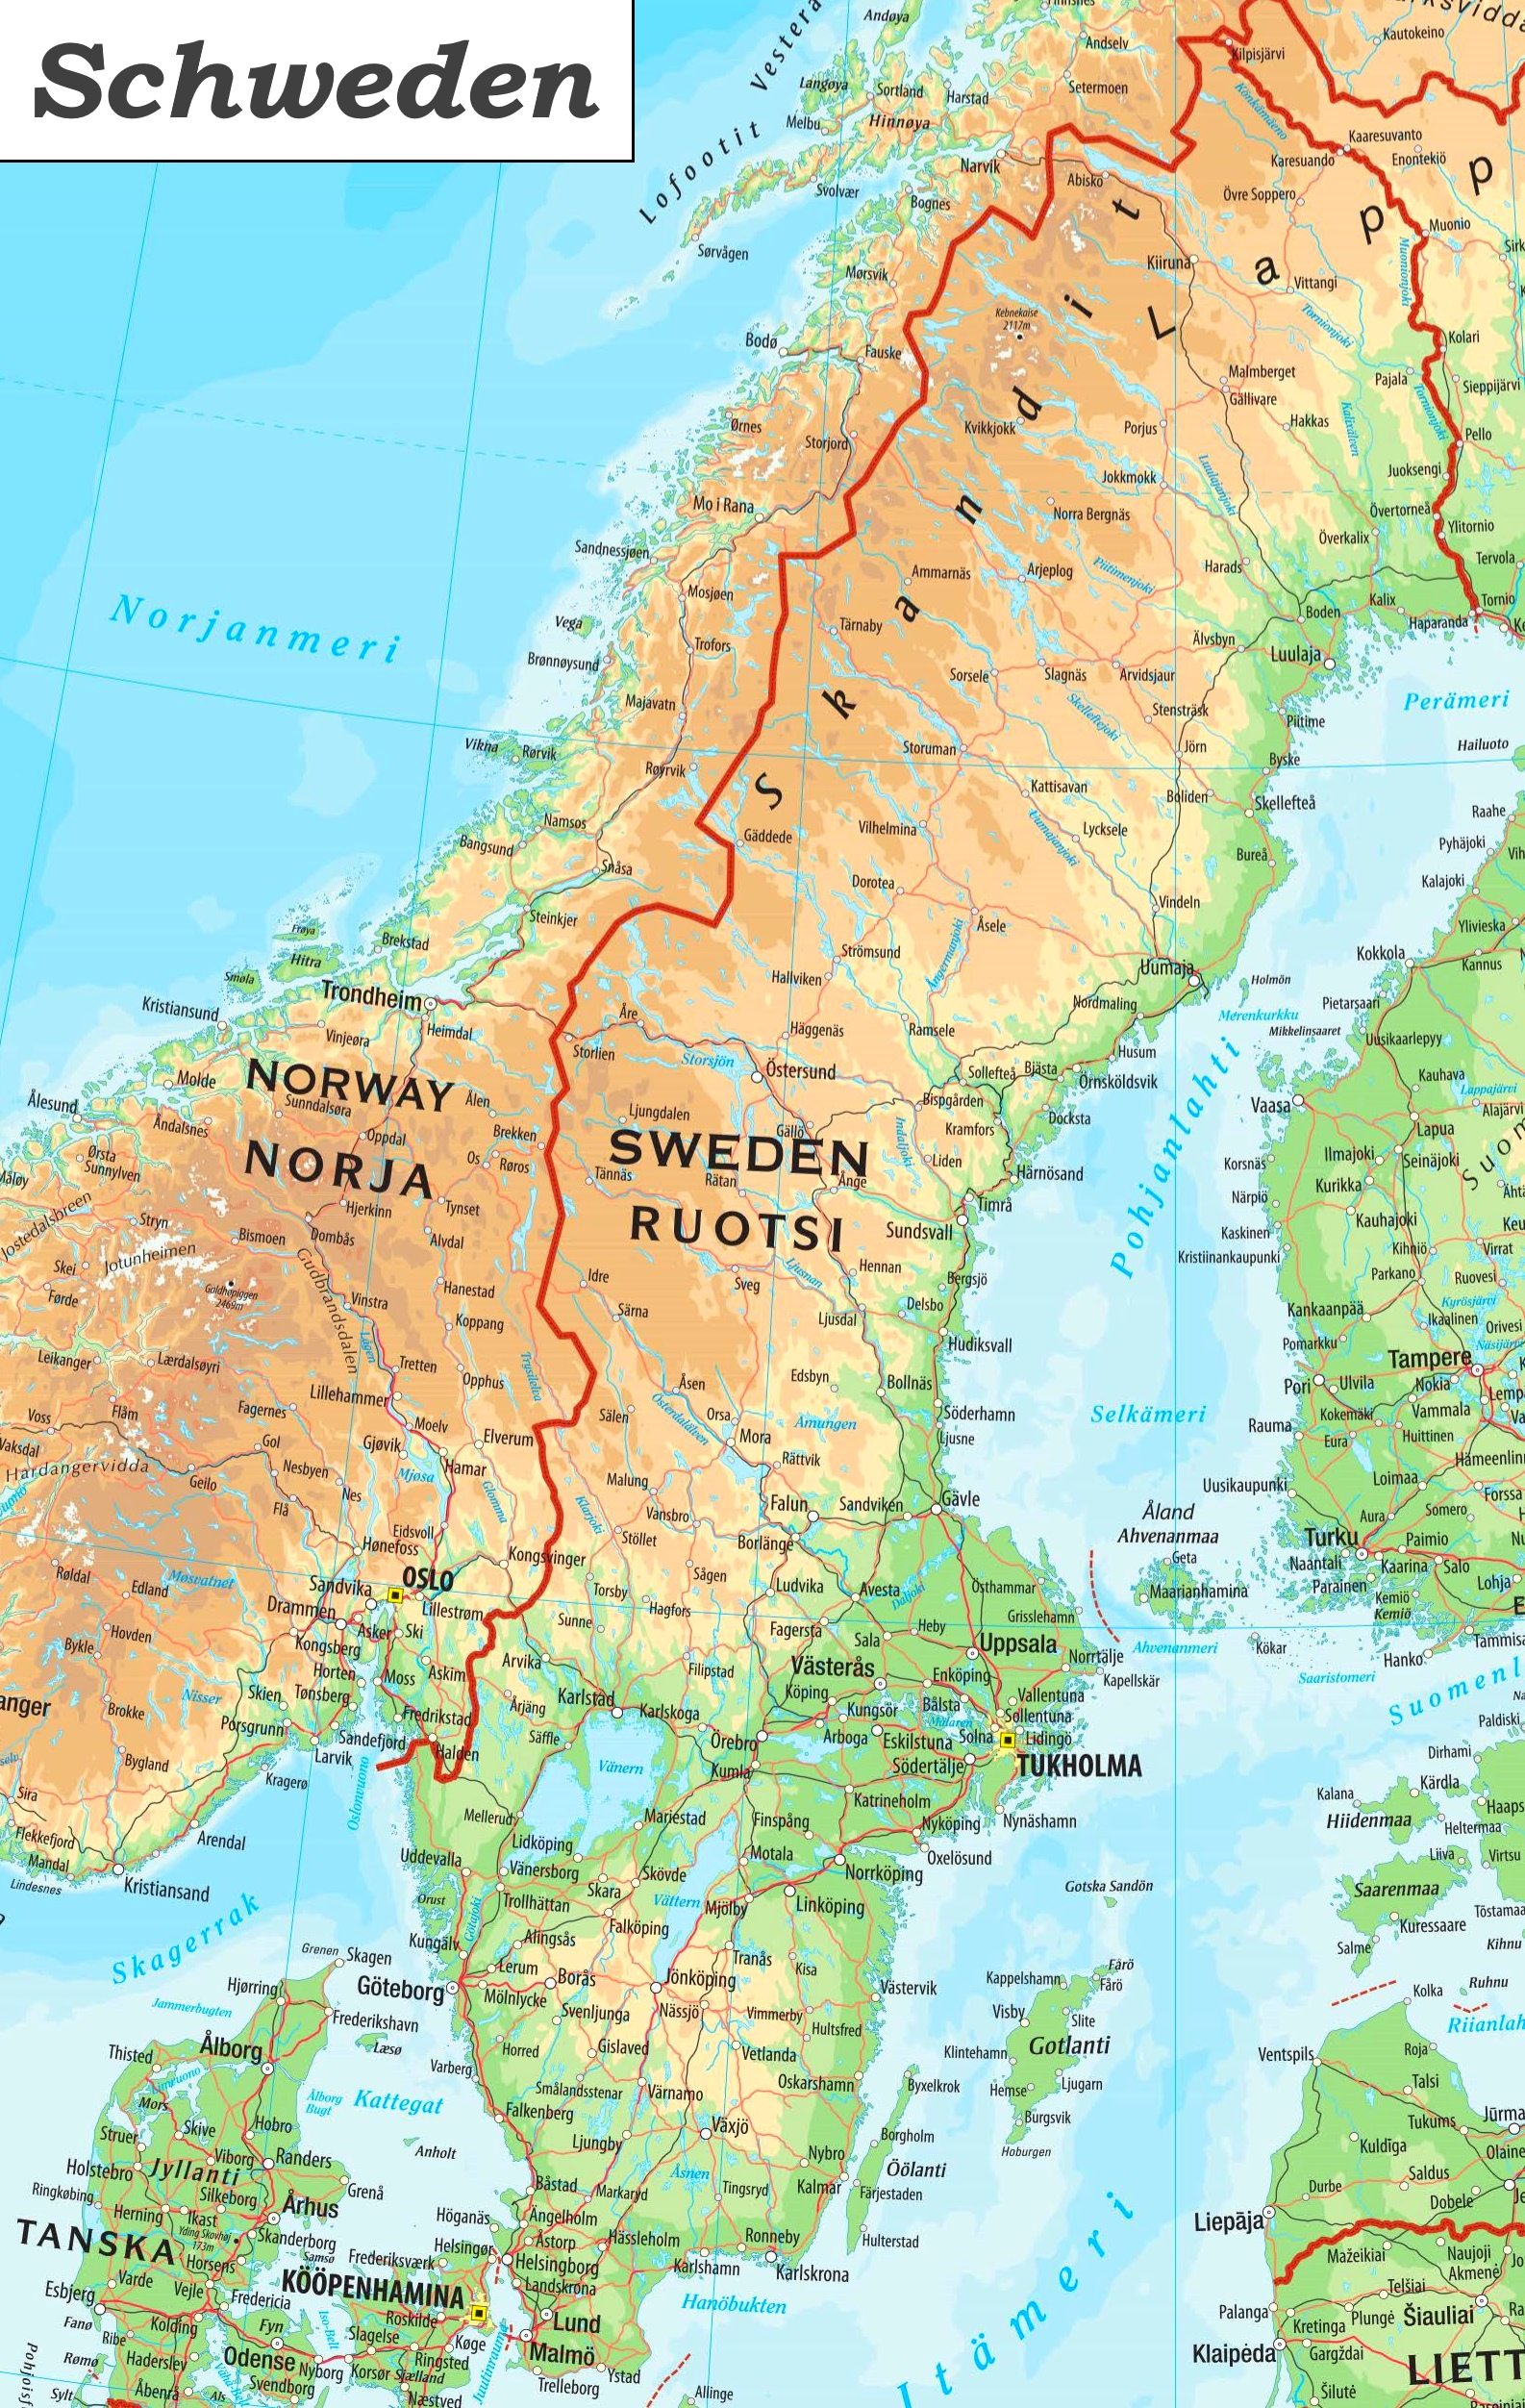 schweden karte Detaillierte karte von Schweden